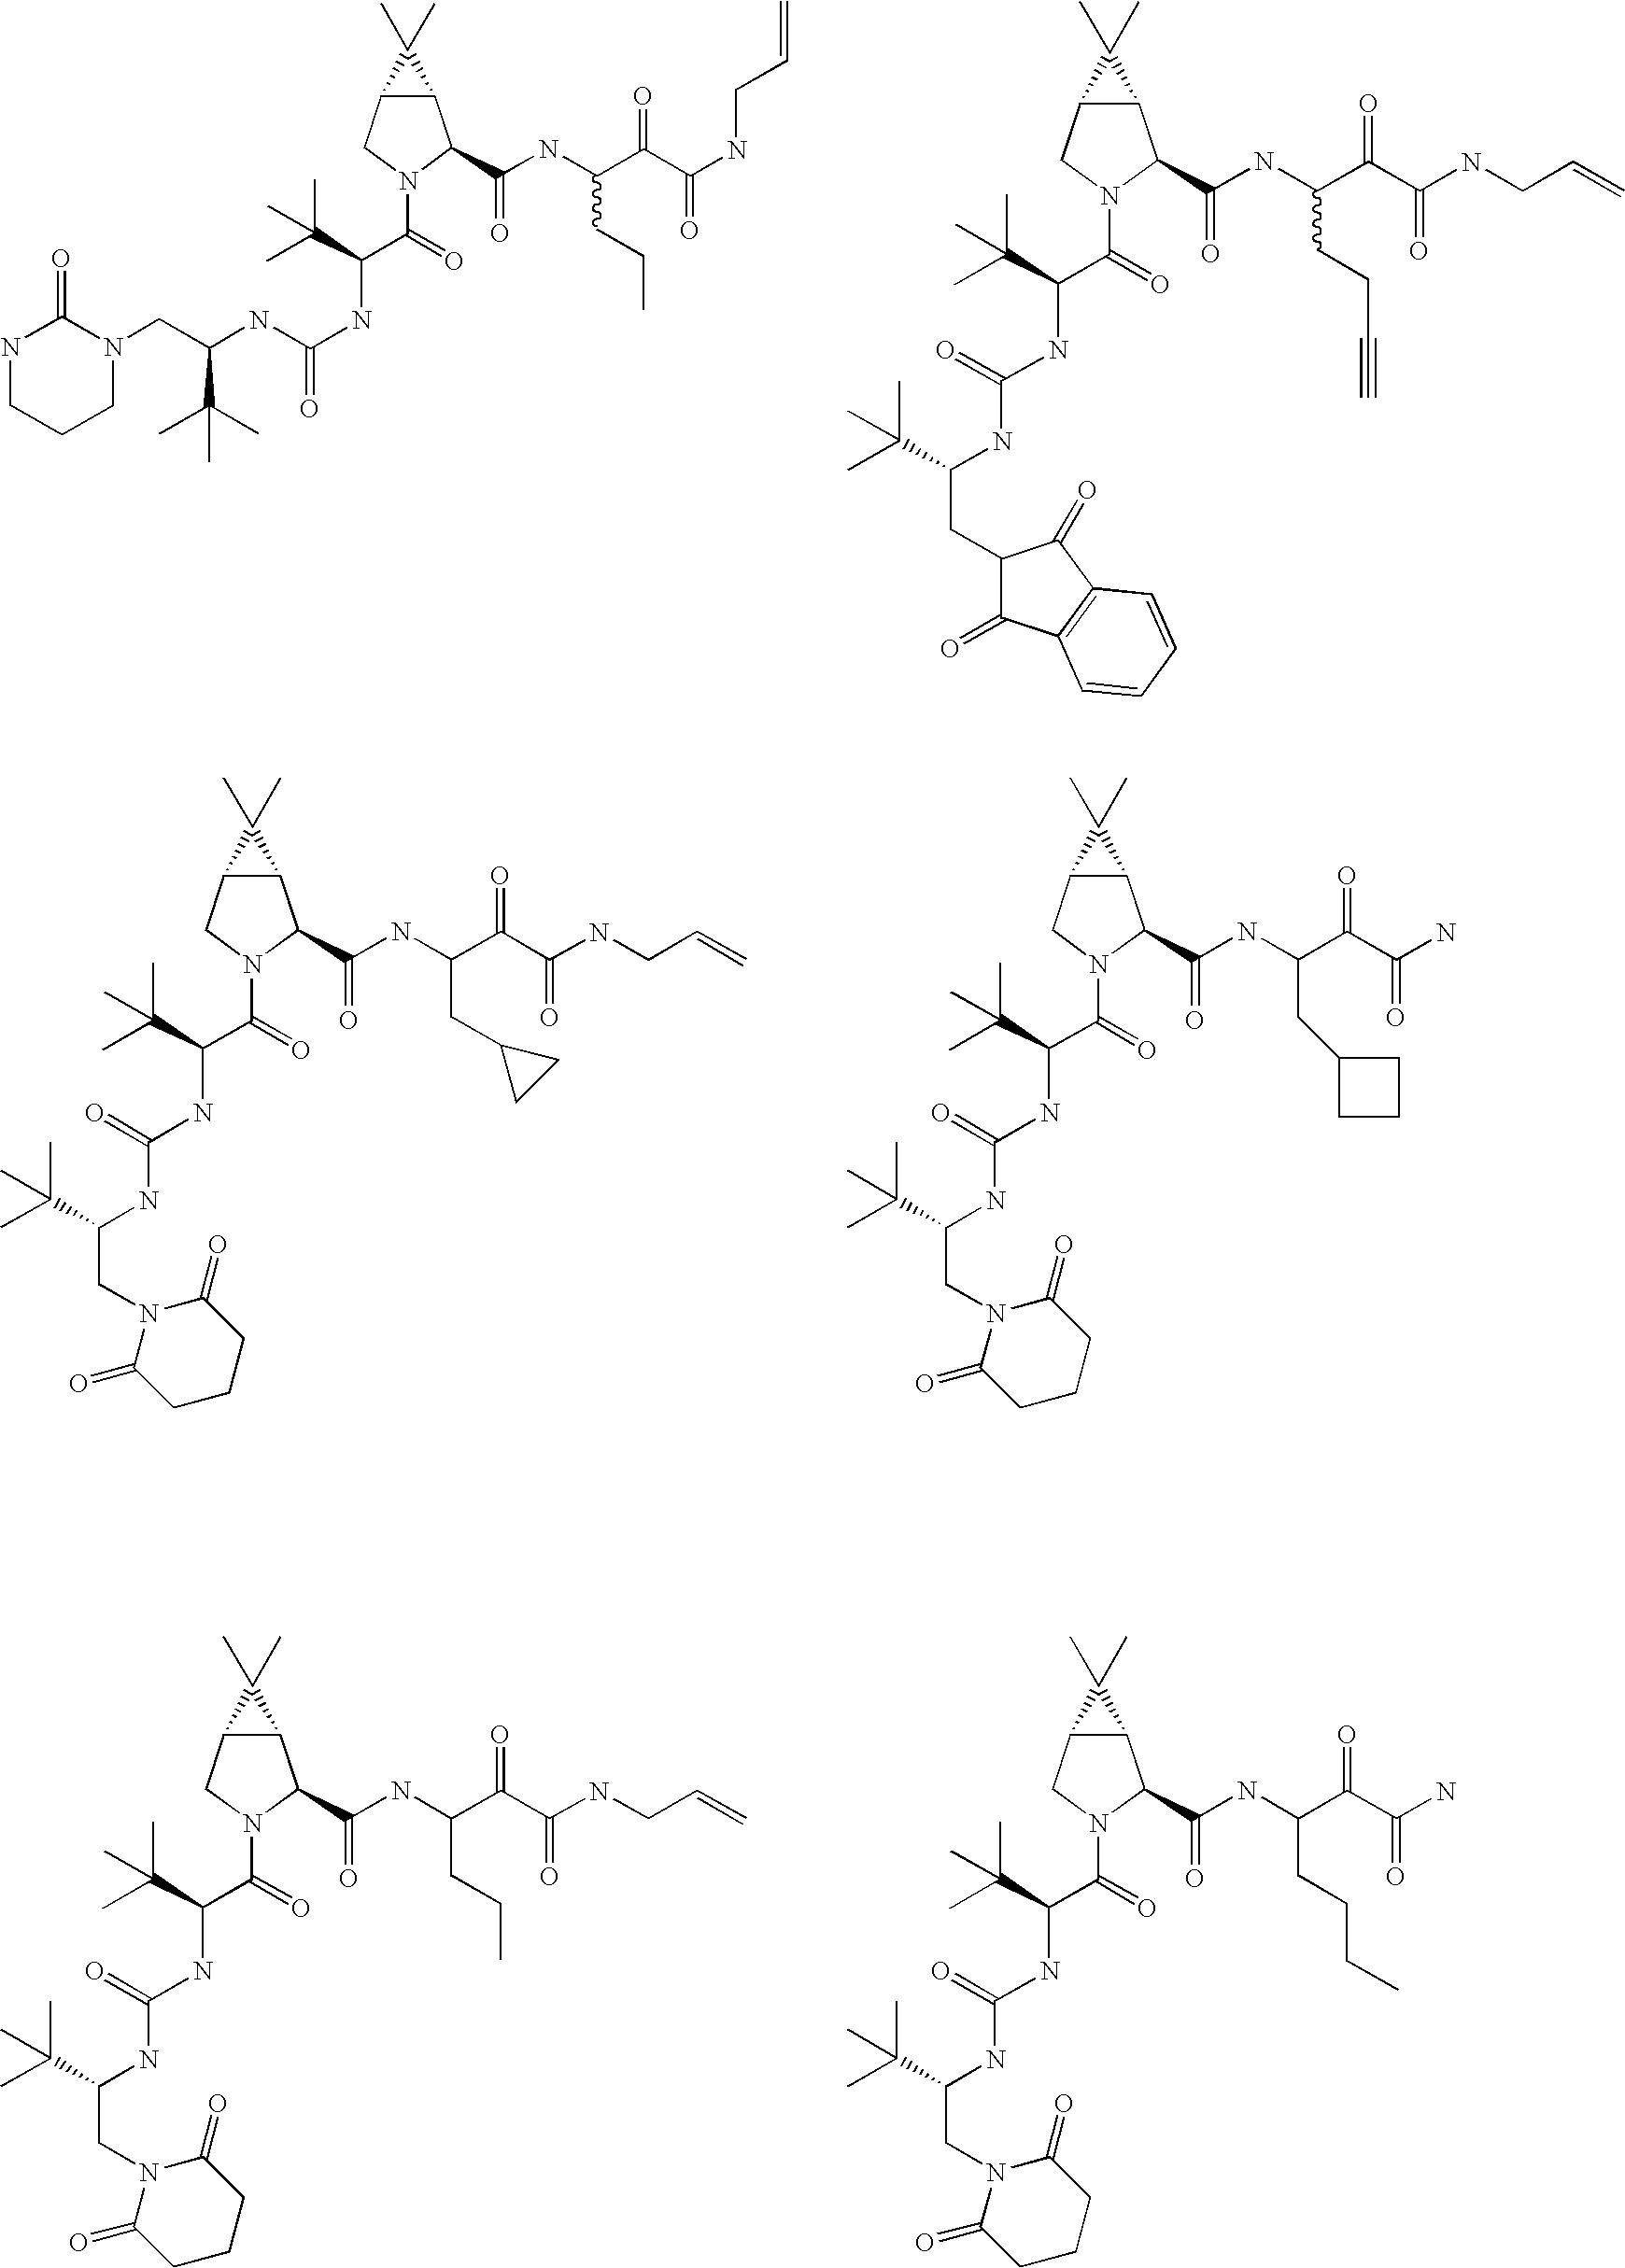 Figure US20060287248A1-20061221-C00416